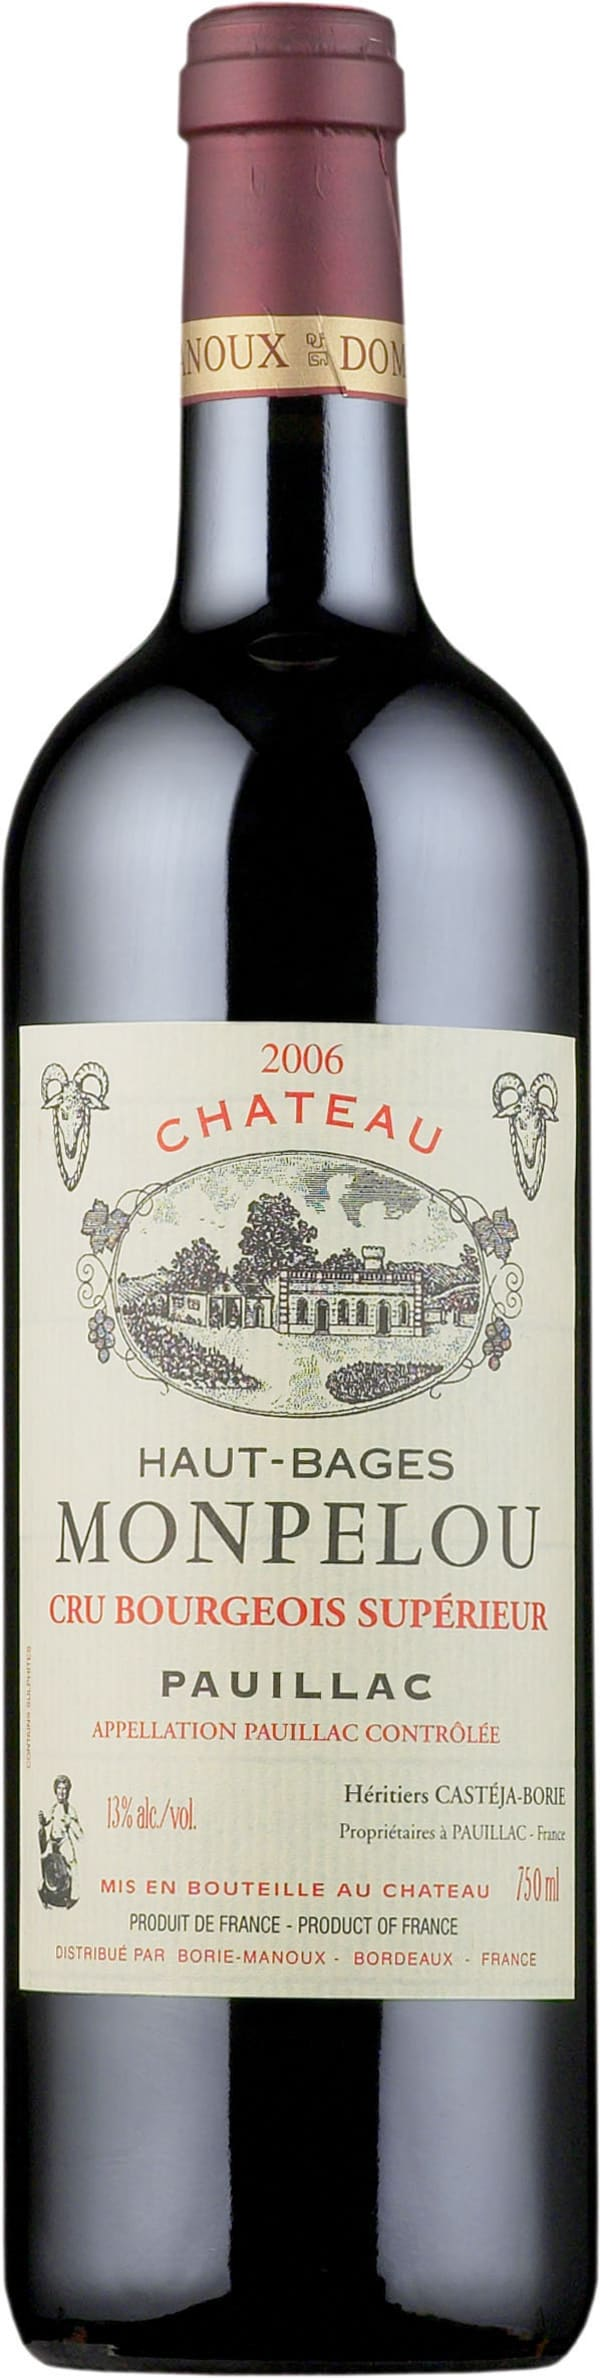 Château Haut-Bages Monpelou 2013